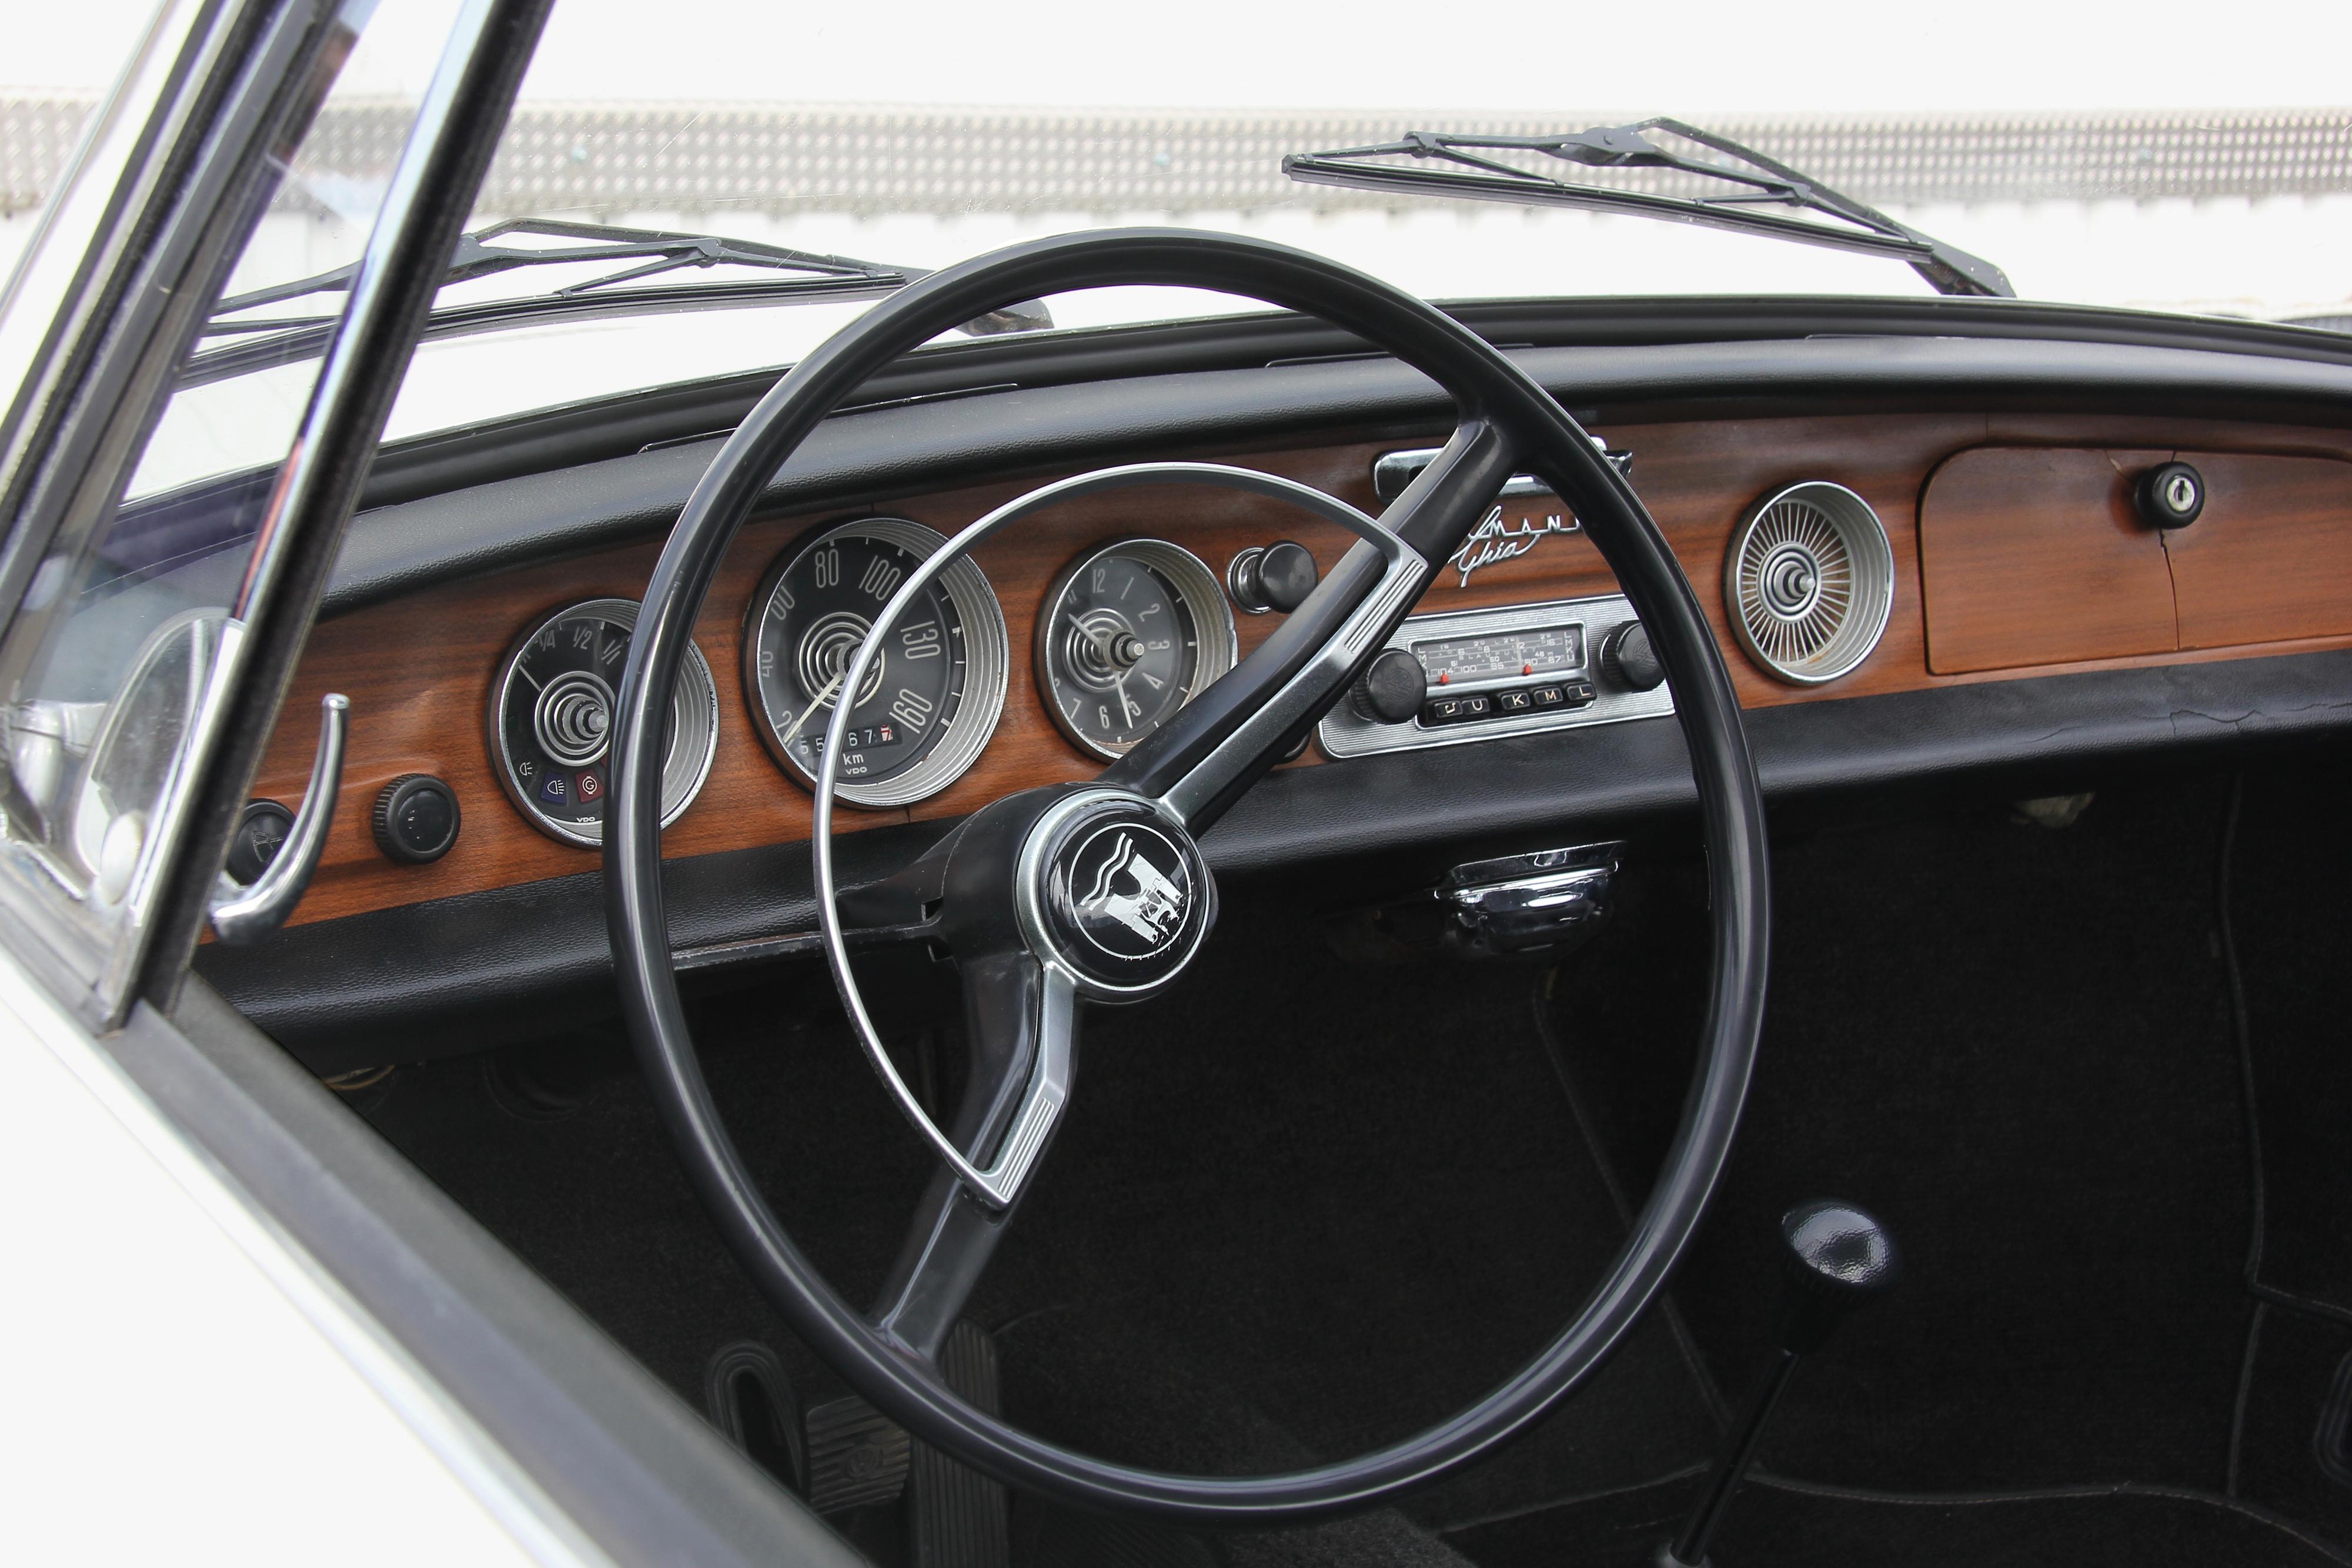 Typ 34 O Patinho Feio Da Karmann Ghia 1950 Volkswagen A Idia De Fazer Um Linhas Mais Modernas No Veio Do Envelhecimento Carro Original Tudo Comeou Final Dos Anos